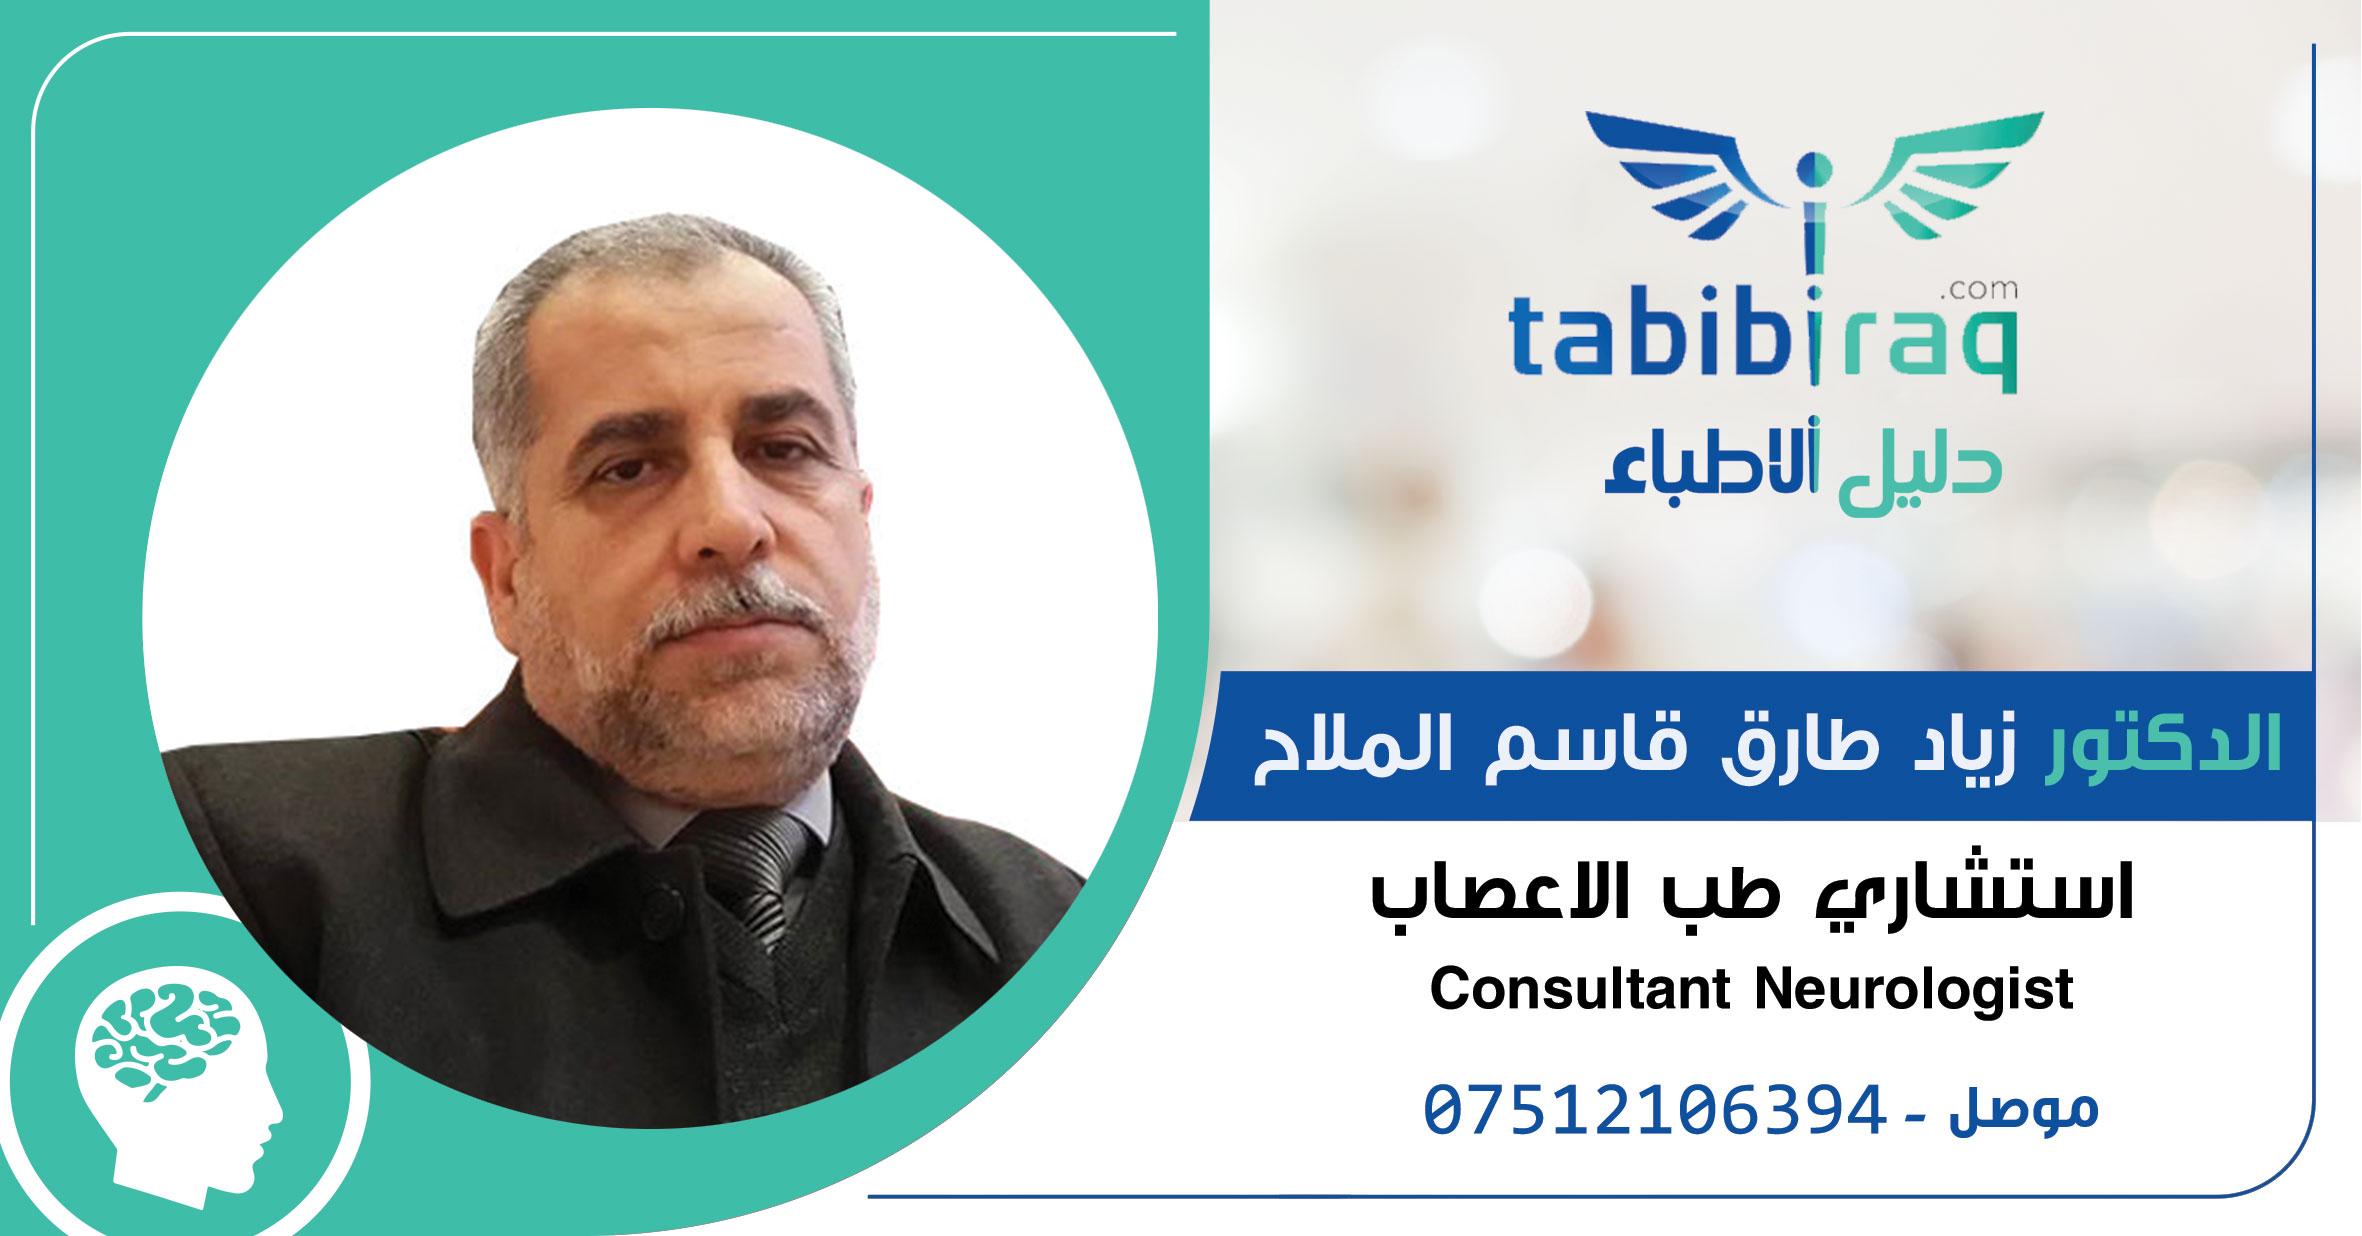 الدكتور زياد طارق قاسم الملاح